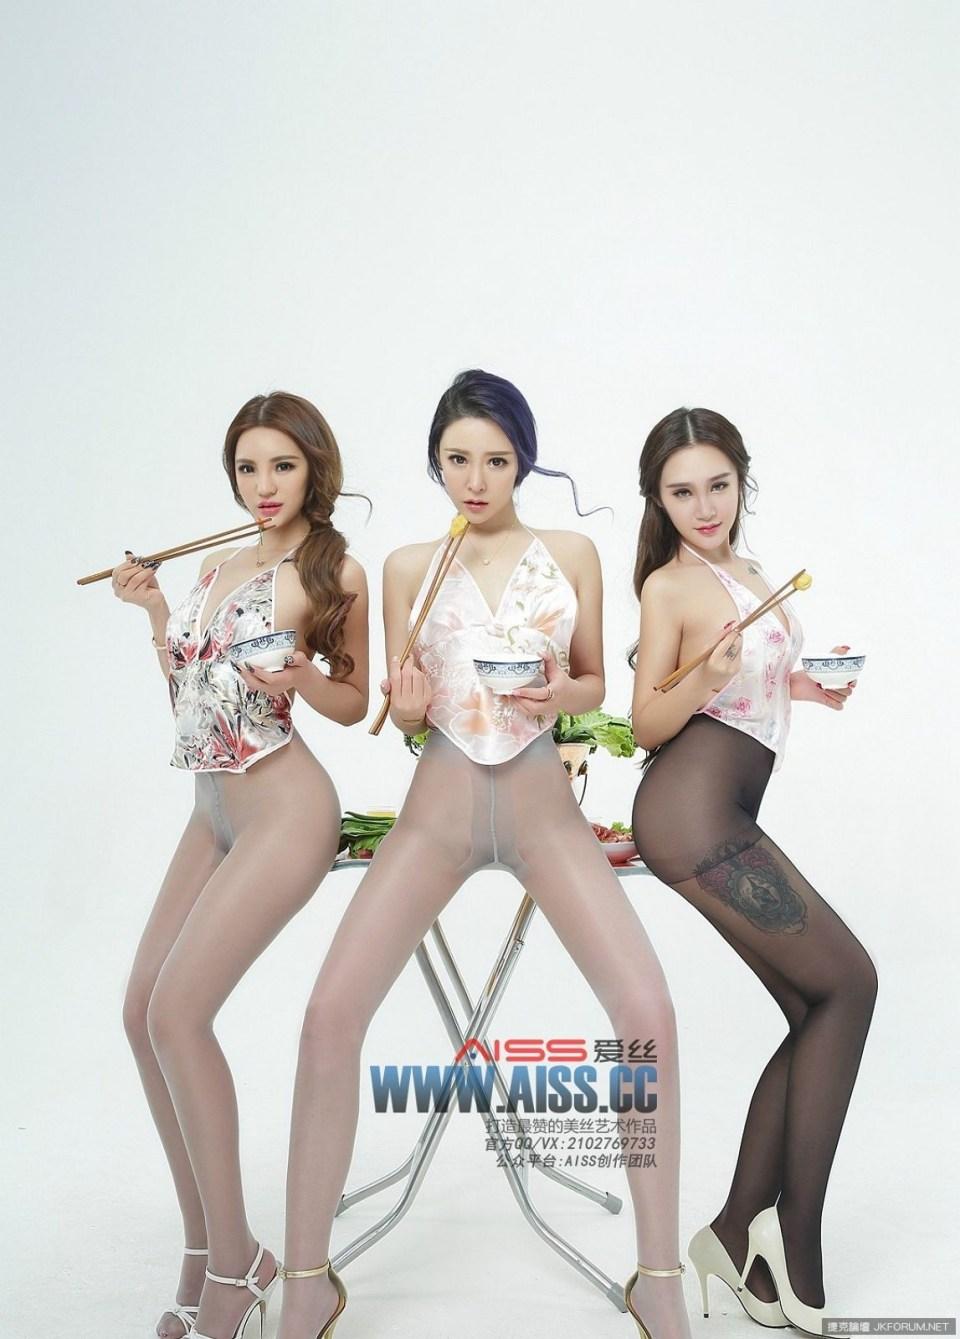 AISS愛絲 Girls (03).jpg